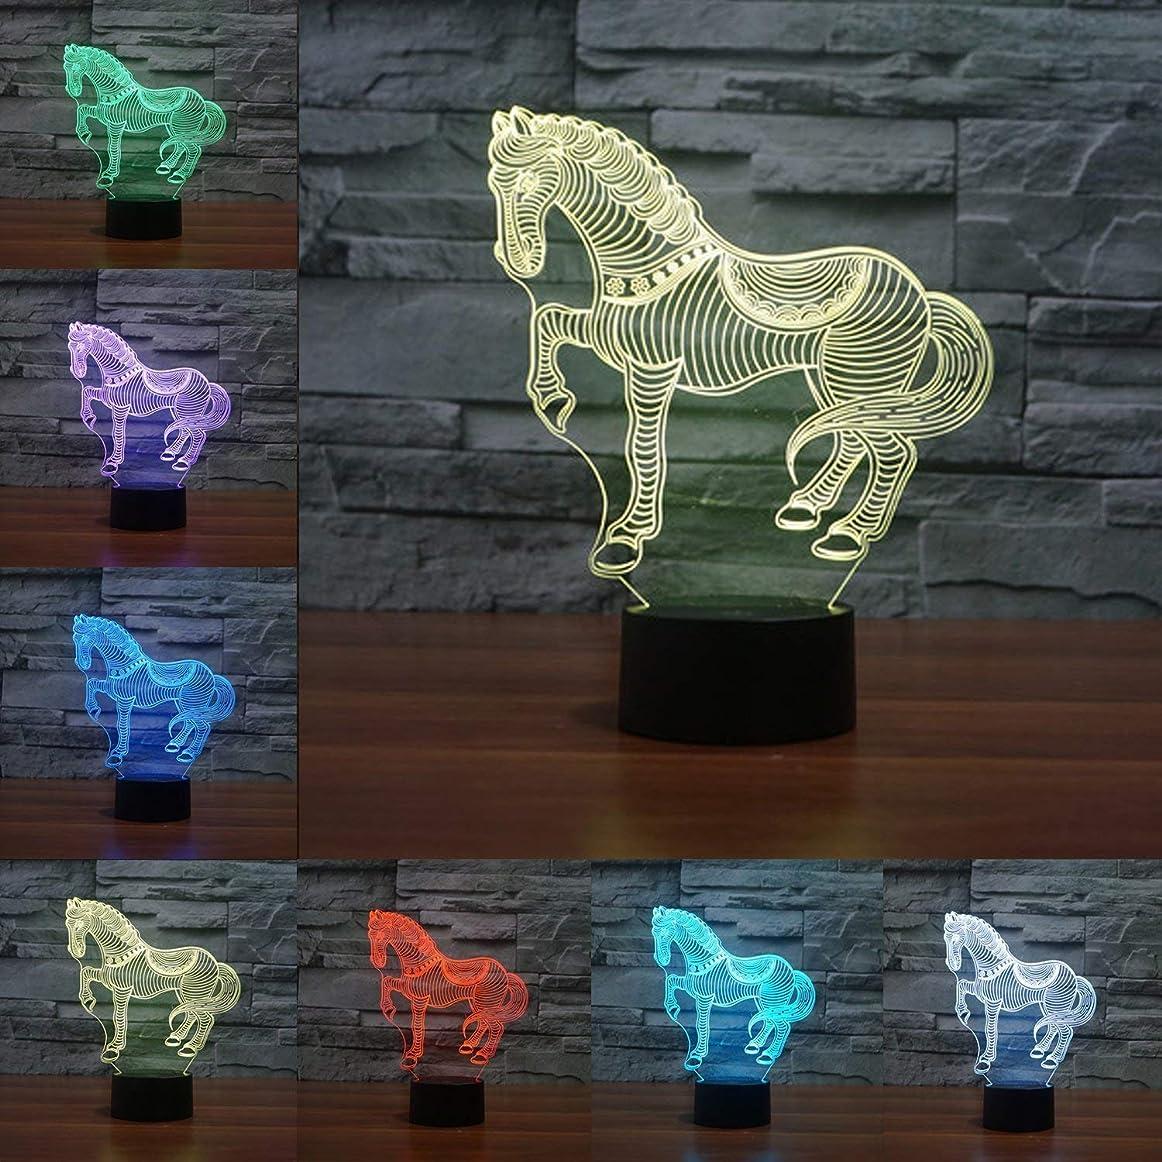 動物馬3Dナイトライト、驚くべき錯覚7色を変更アクリルタッチテーブルデスクLEDギフト用